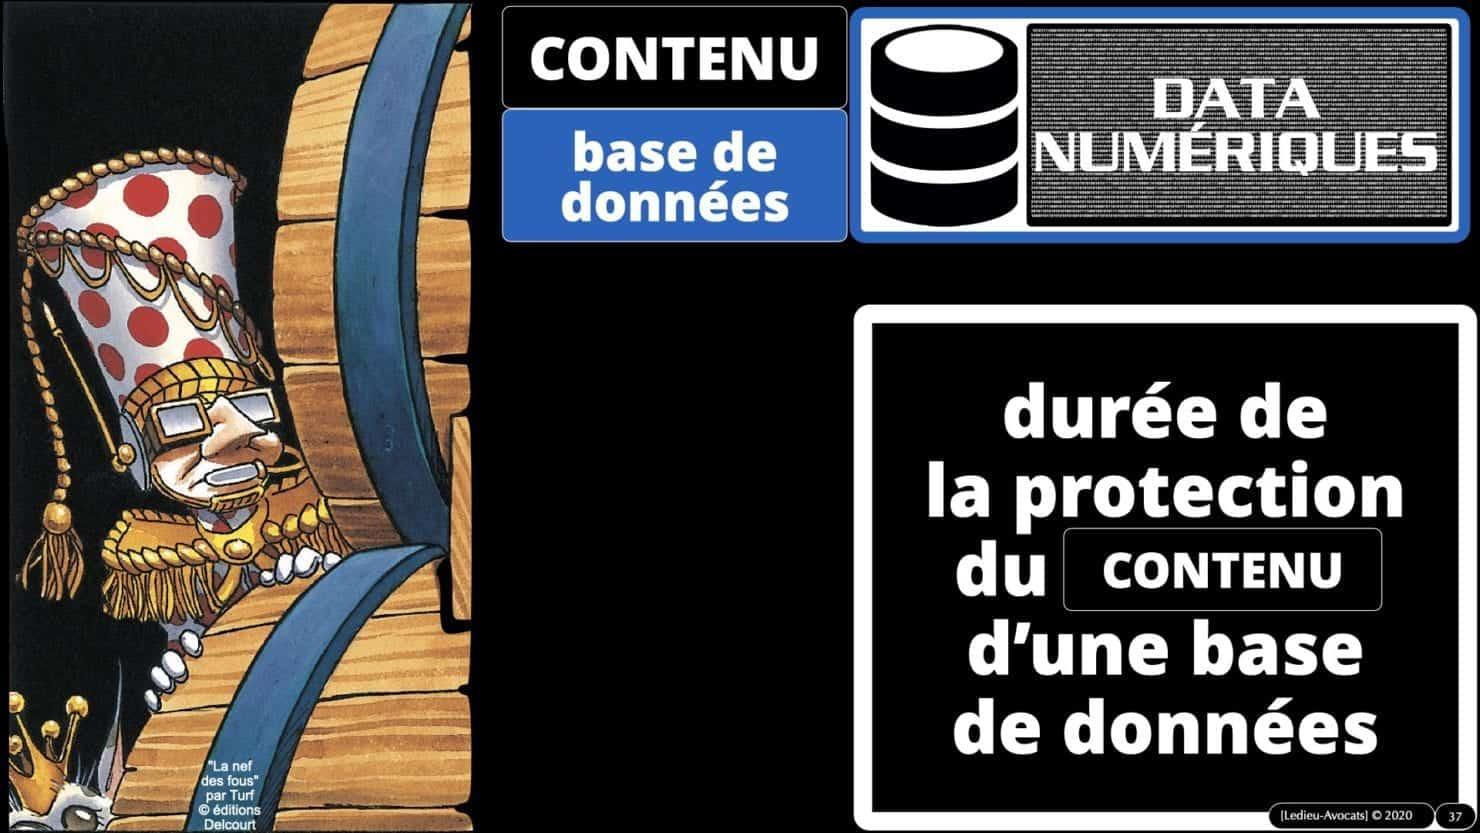 309 pseudonymisation et anonymisation des bases de données pour ACTUAIRE *16:9* © Ledieu-avocat 01-11-2020.037